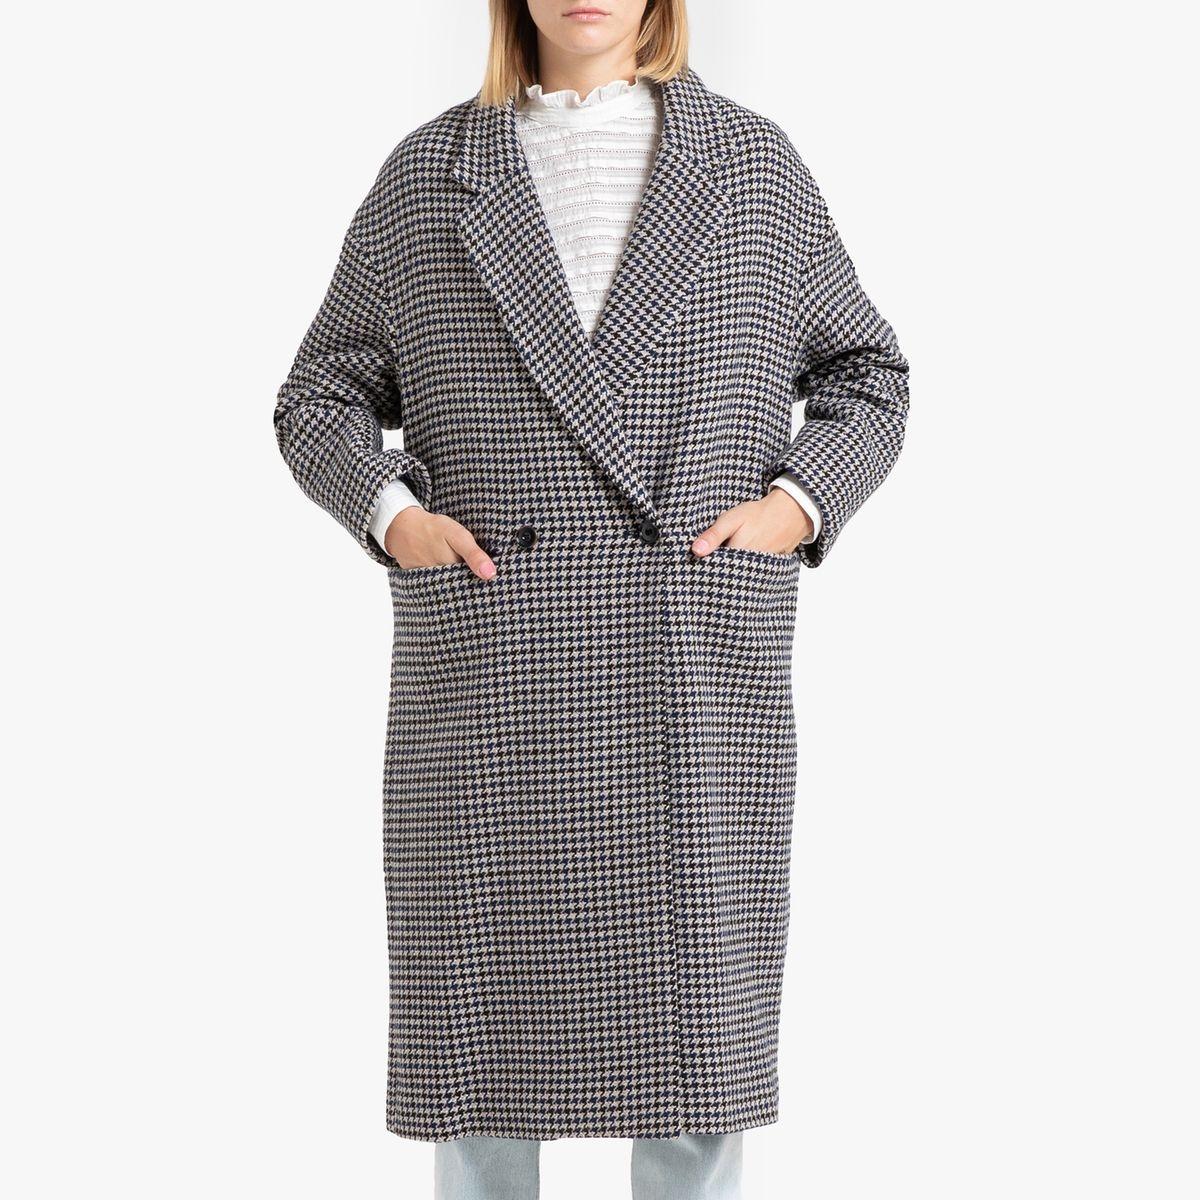 Manteau long boutonné GETTYSBURG